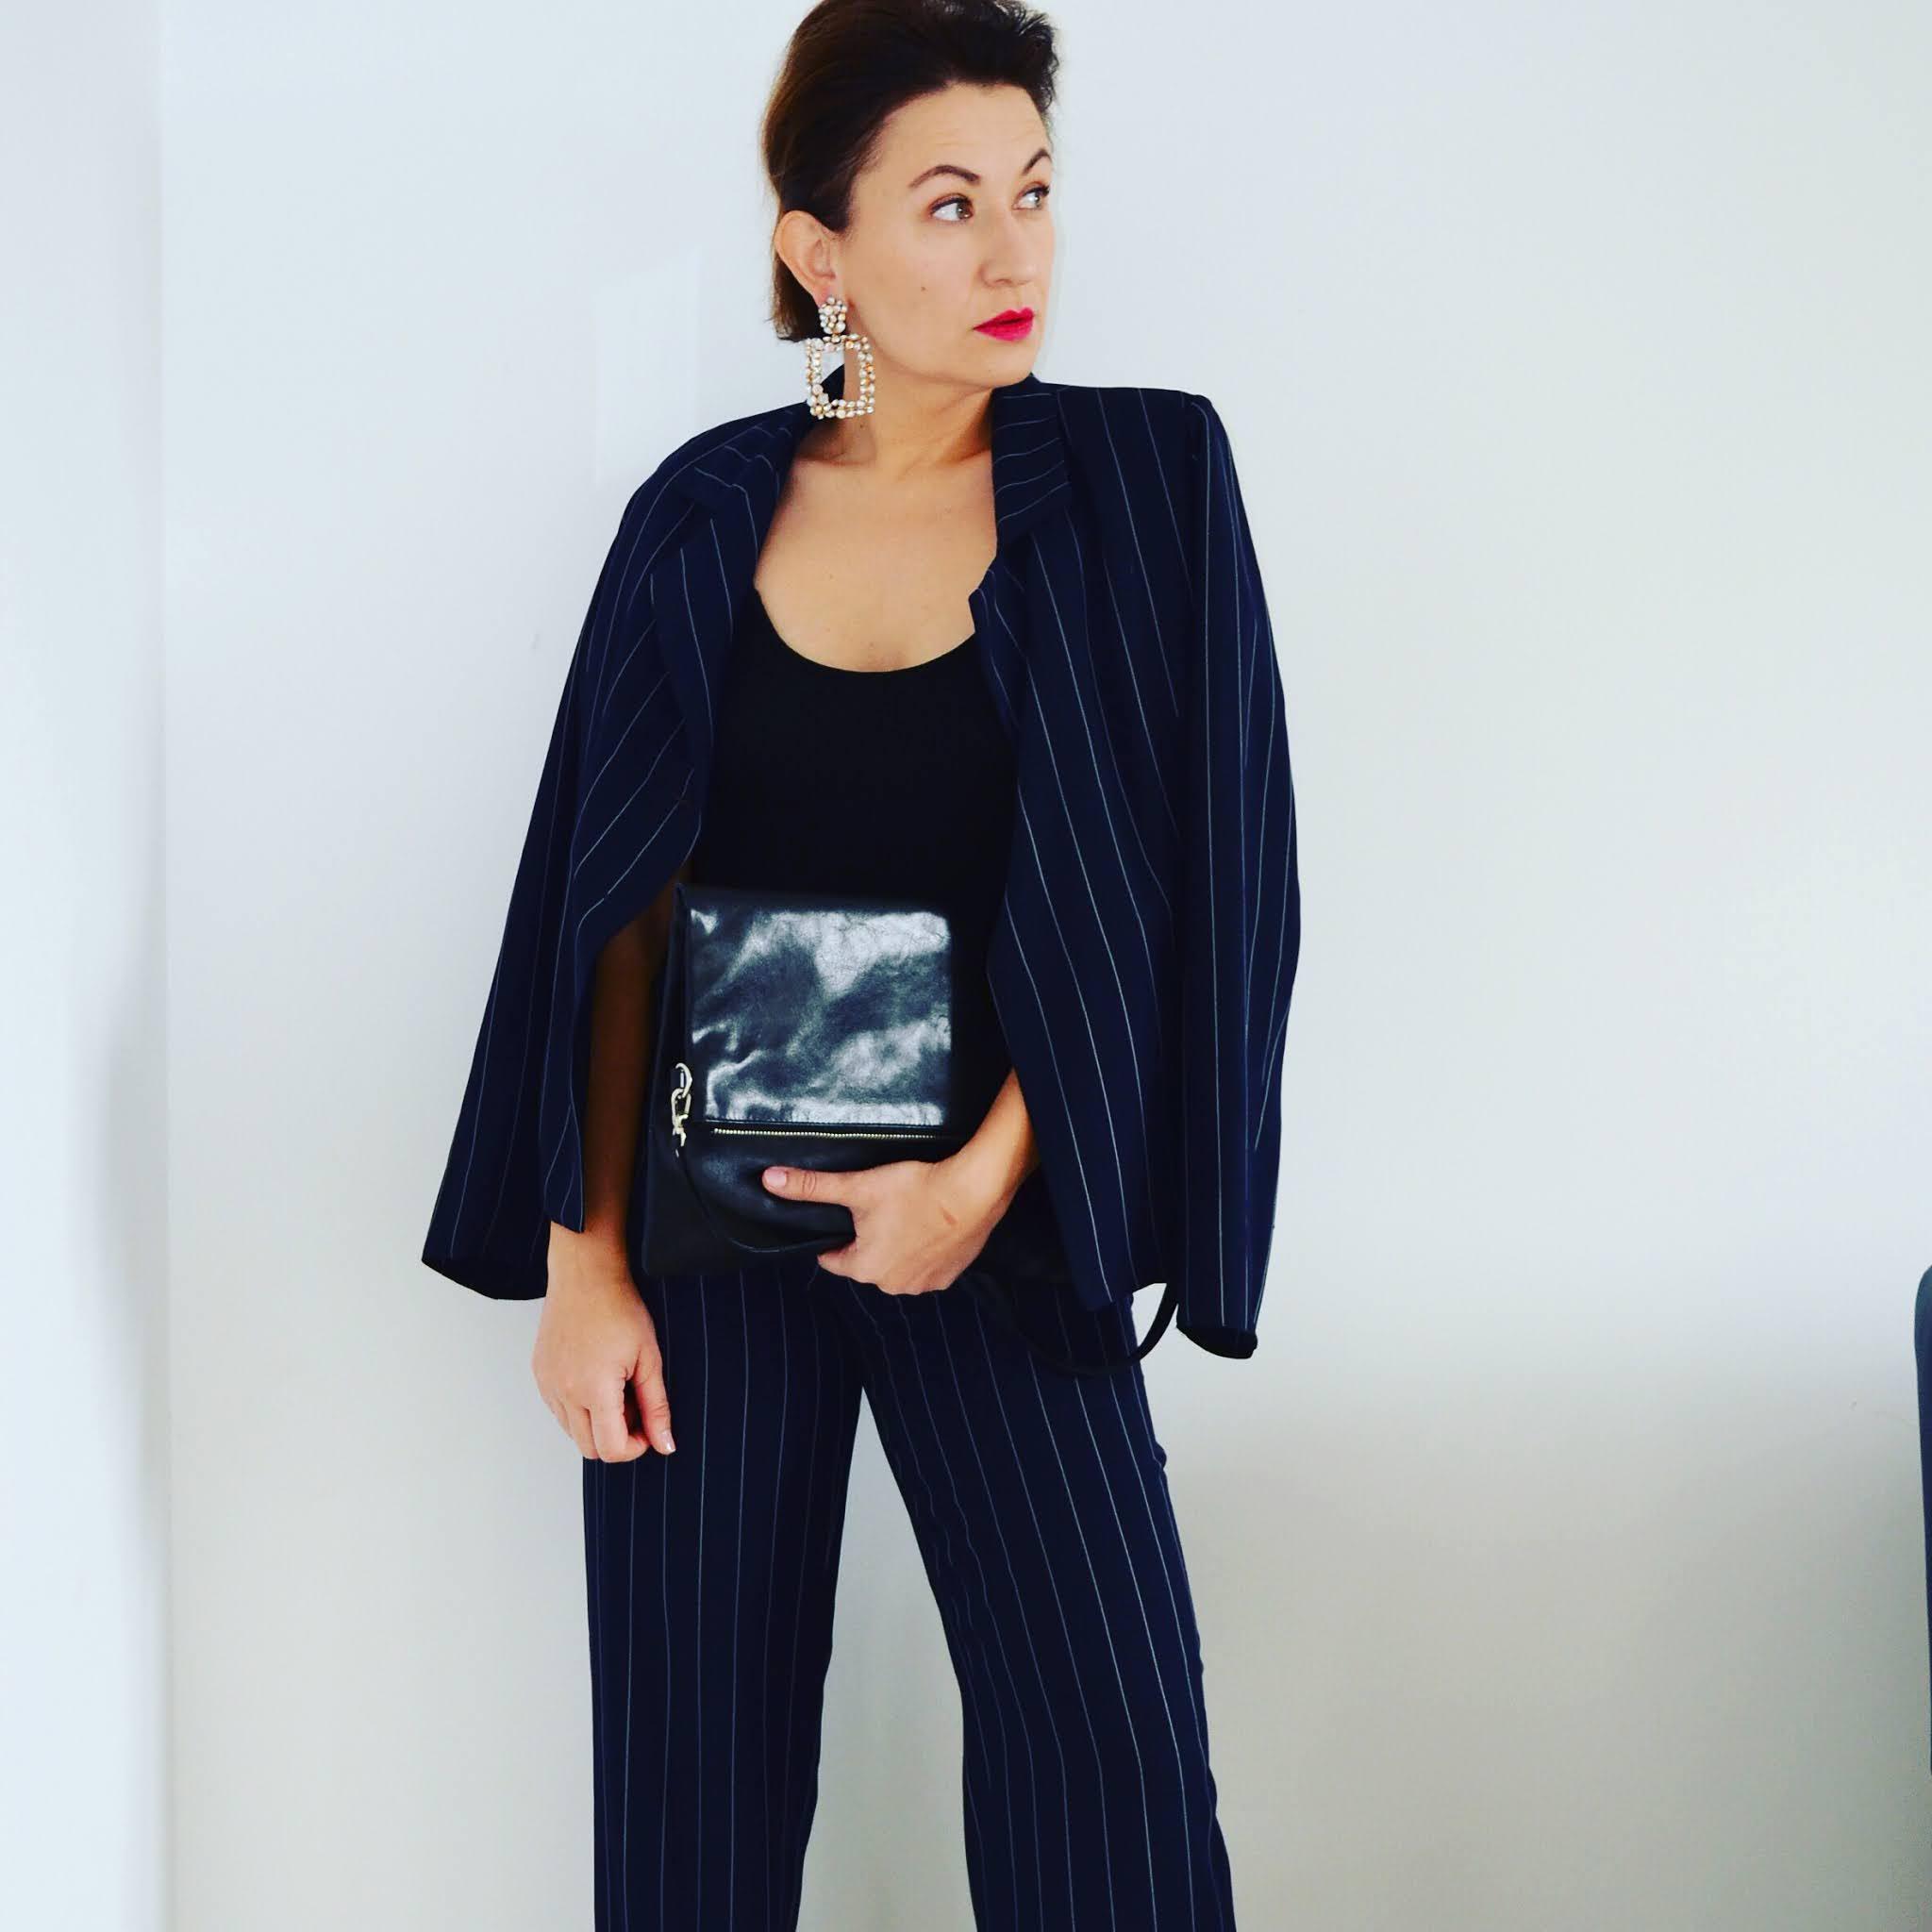 www.adriana-style.com,moda;fashion;vintage suit;ladies vintage suit,tallinder bag;esmara bag;suede,leather,@adrianastyle_stylist,damski komplet vintage;damski garnitur;